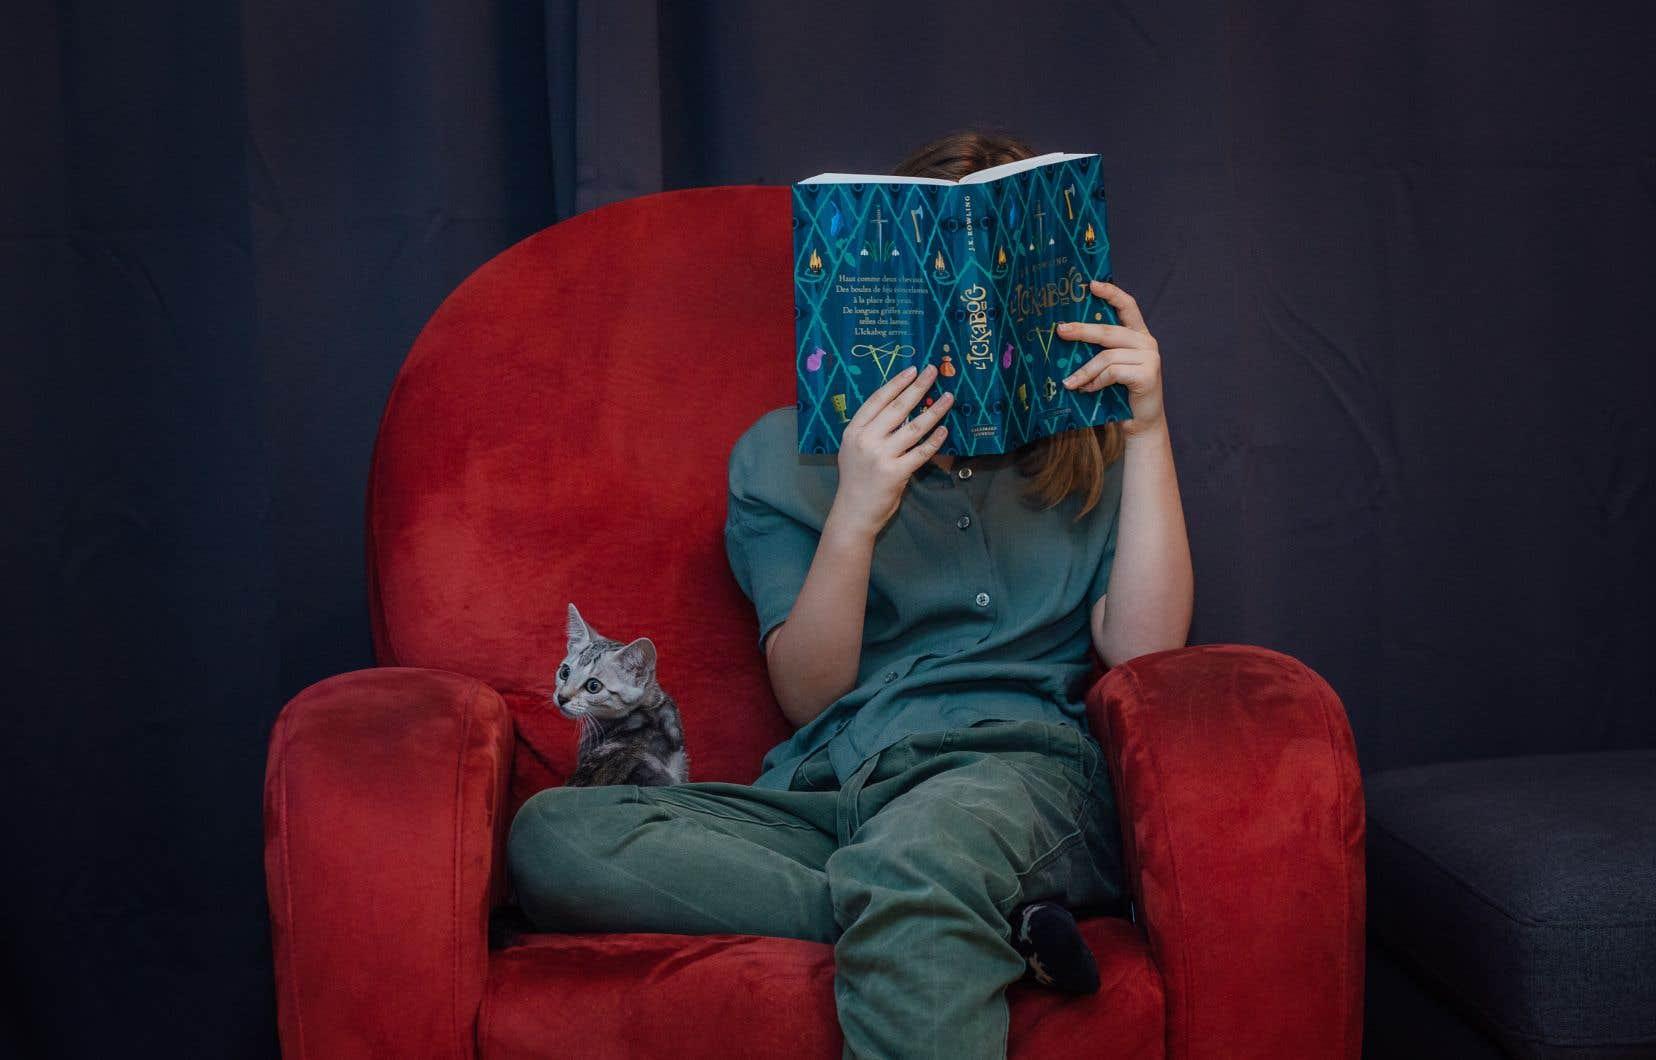 Passé la controverse de cet été, J. K. Rowling revient en librairie avec son nouveau roman, «L'Ickabog». Publié chez Gallimard Jeunesse, le livre s'adresse aux enfants de 7 à 9 ans et se déroule dans le pays imaginaire de Cornucopia, un royaume où il fait bon vivre. Seule ombre au tableau, l'Ickabog.